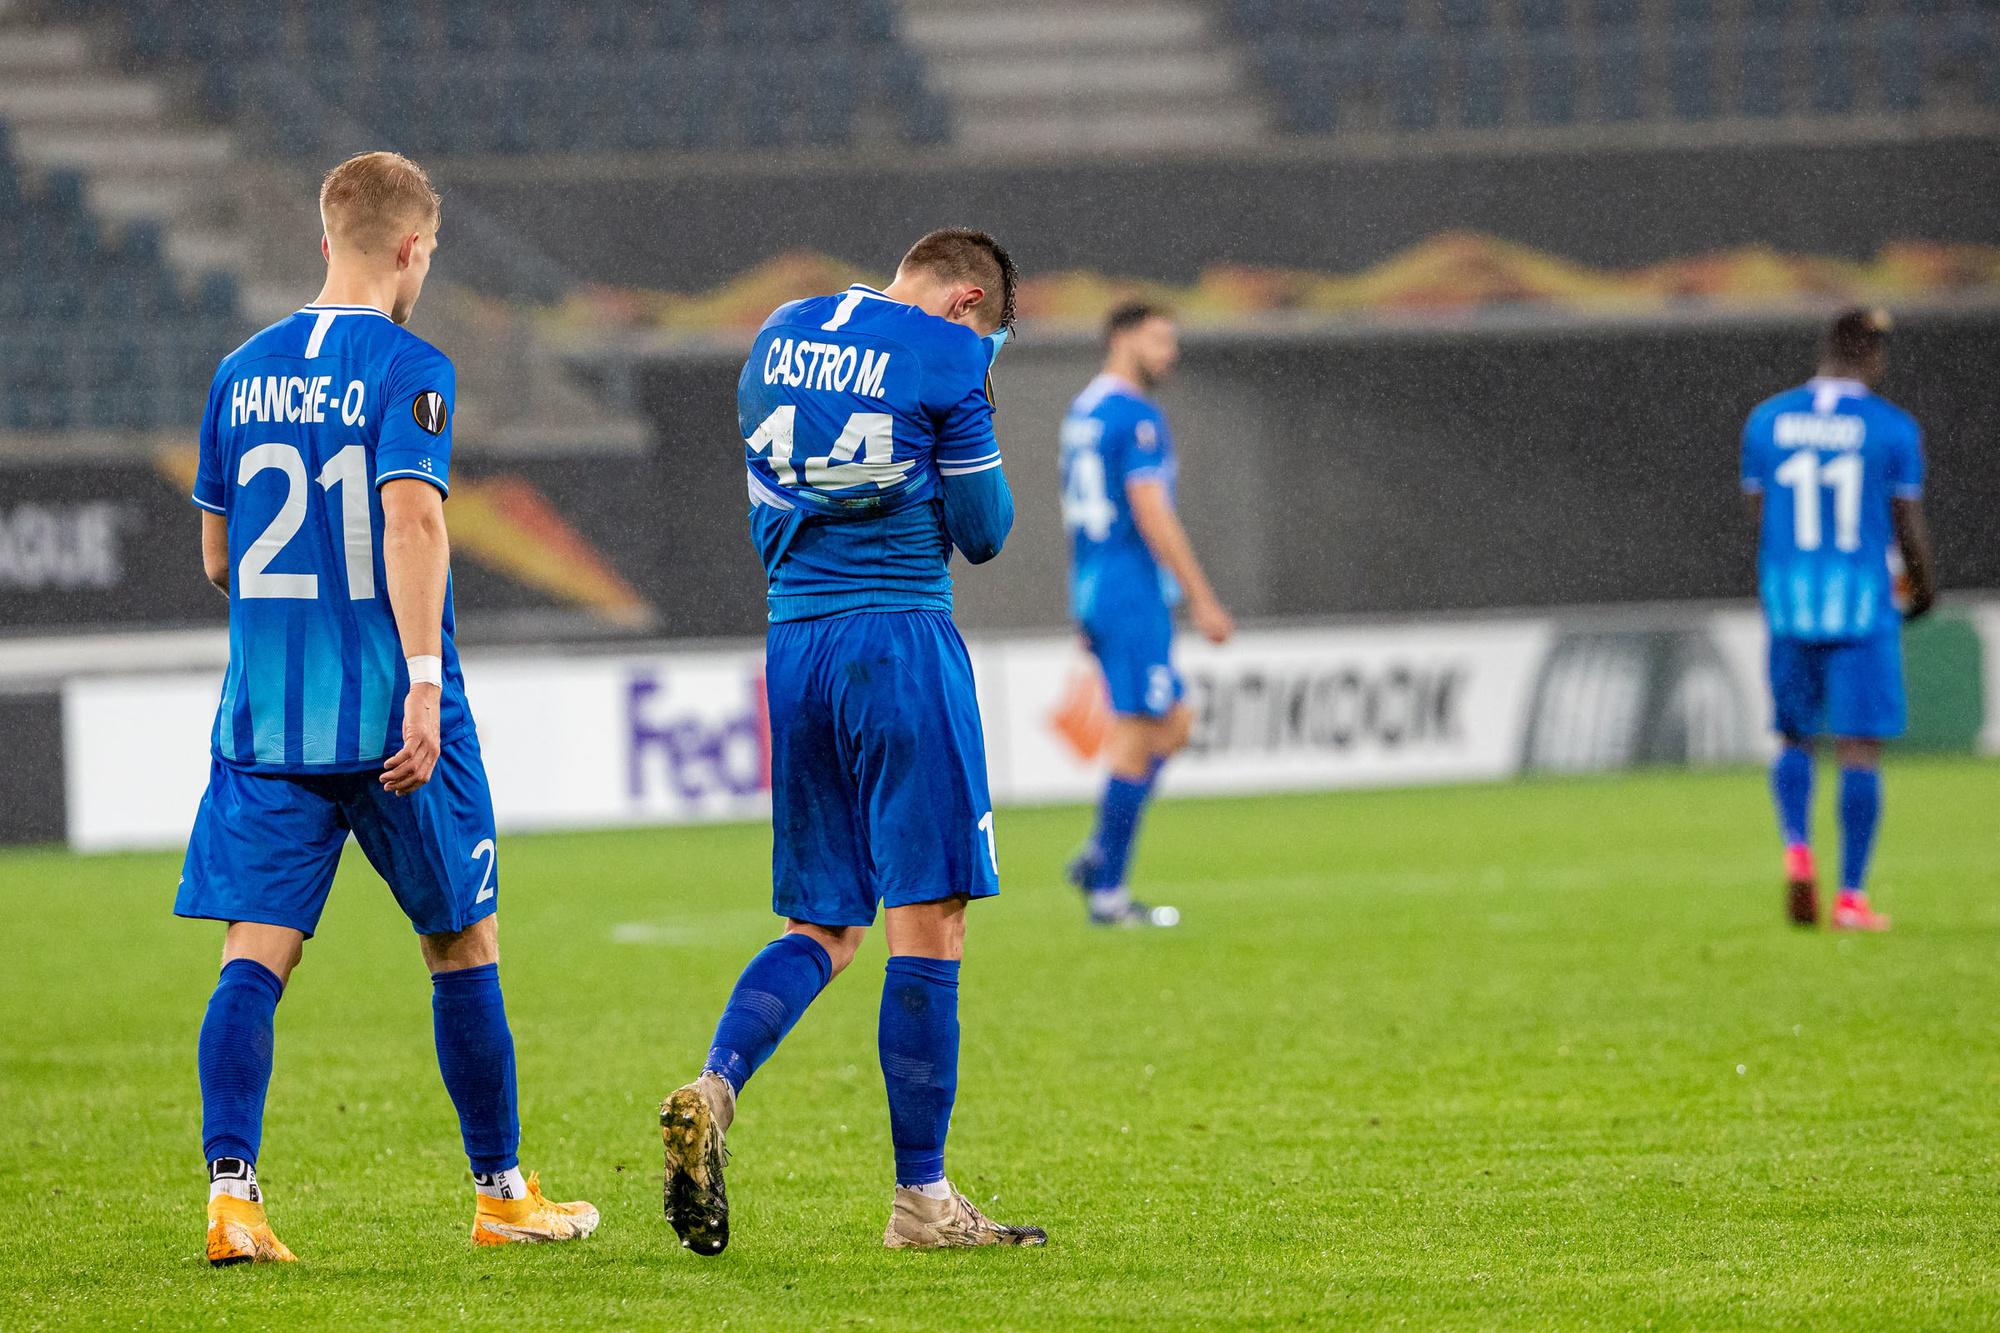 Ongeloof bij KAA Gent nadat Hoffenheim er vier inlegden bij de Buffalo's., Belga Image